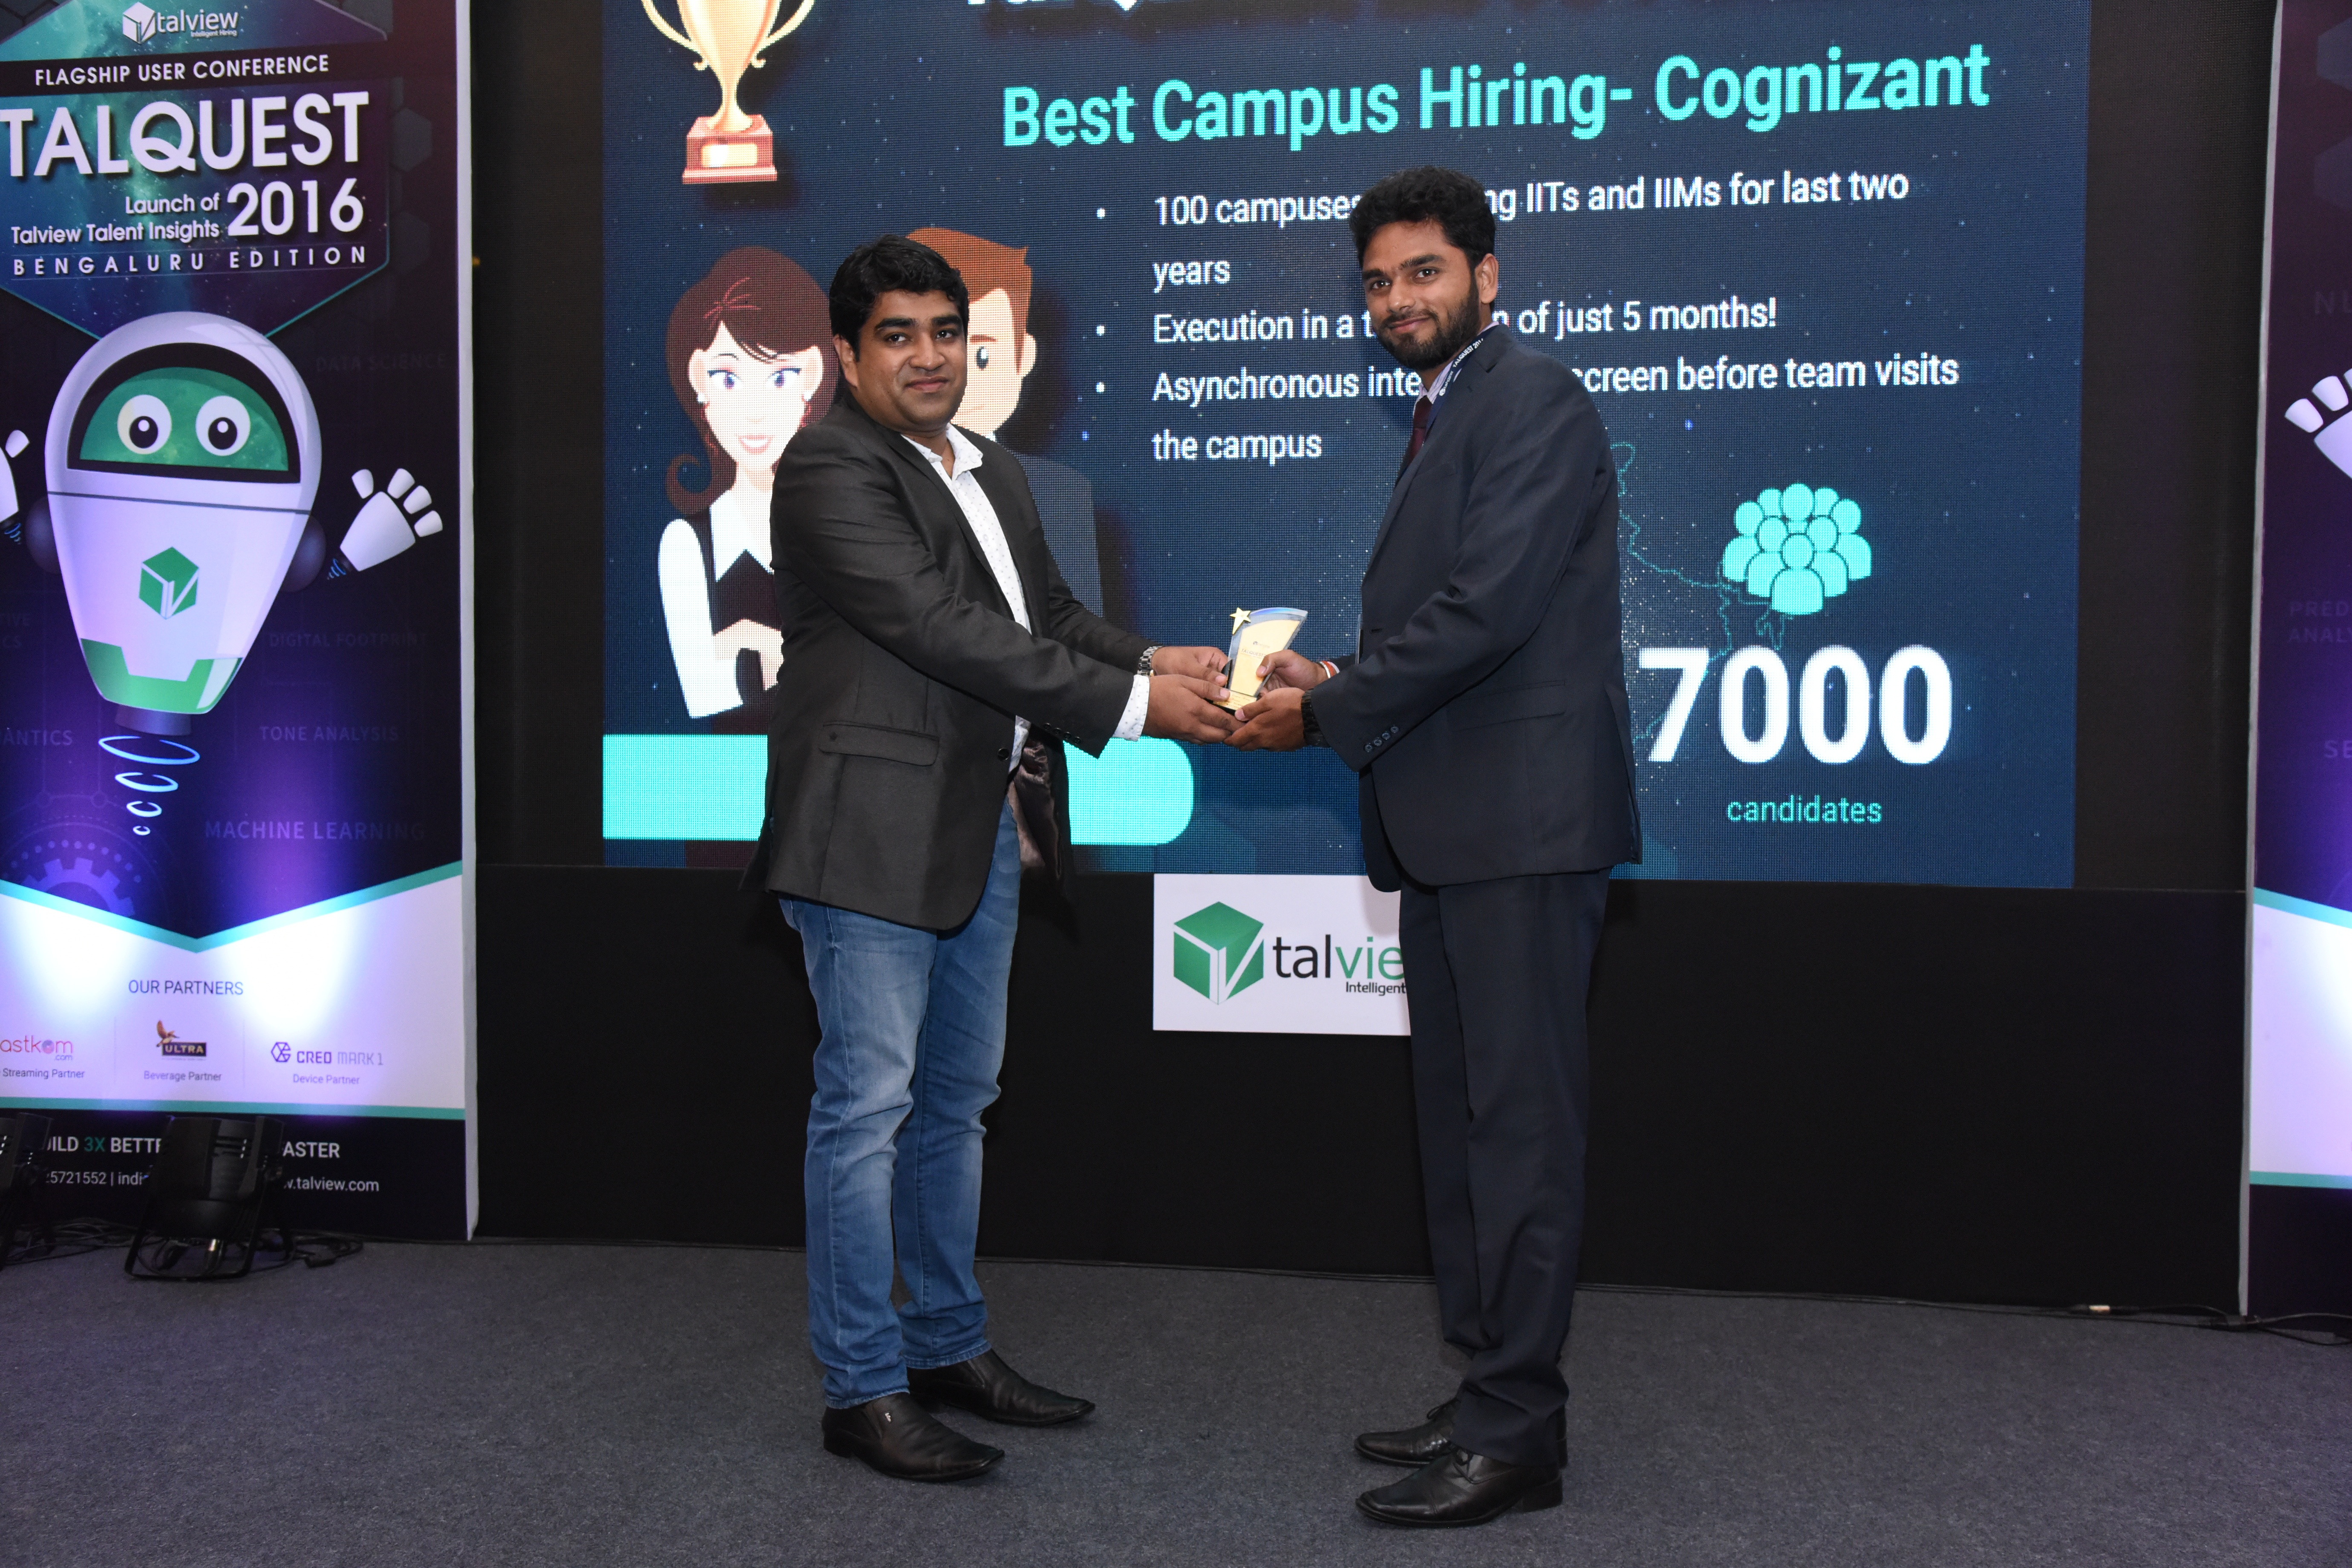 Best Campus Recruitment - Cognizant